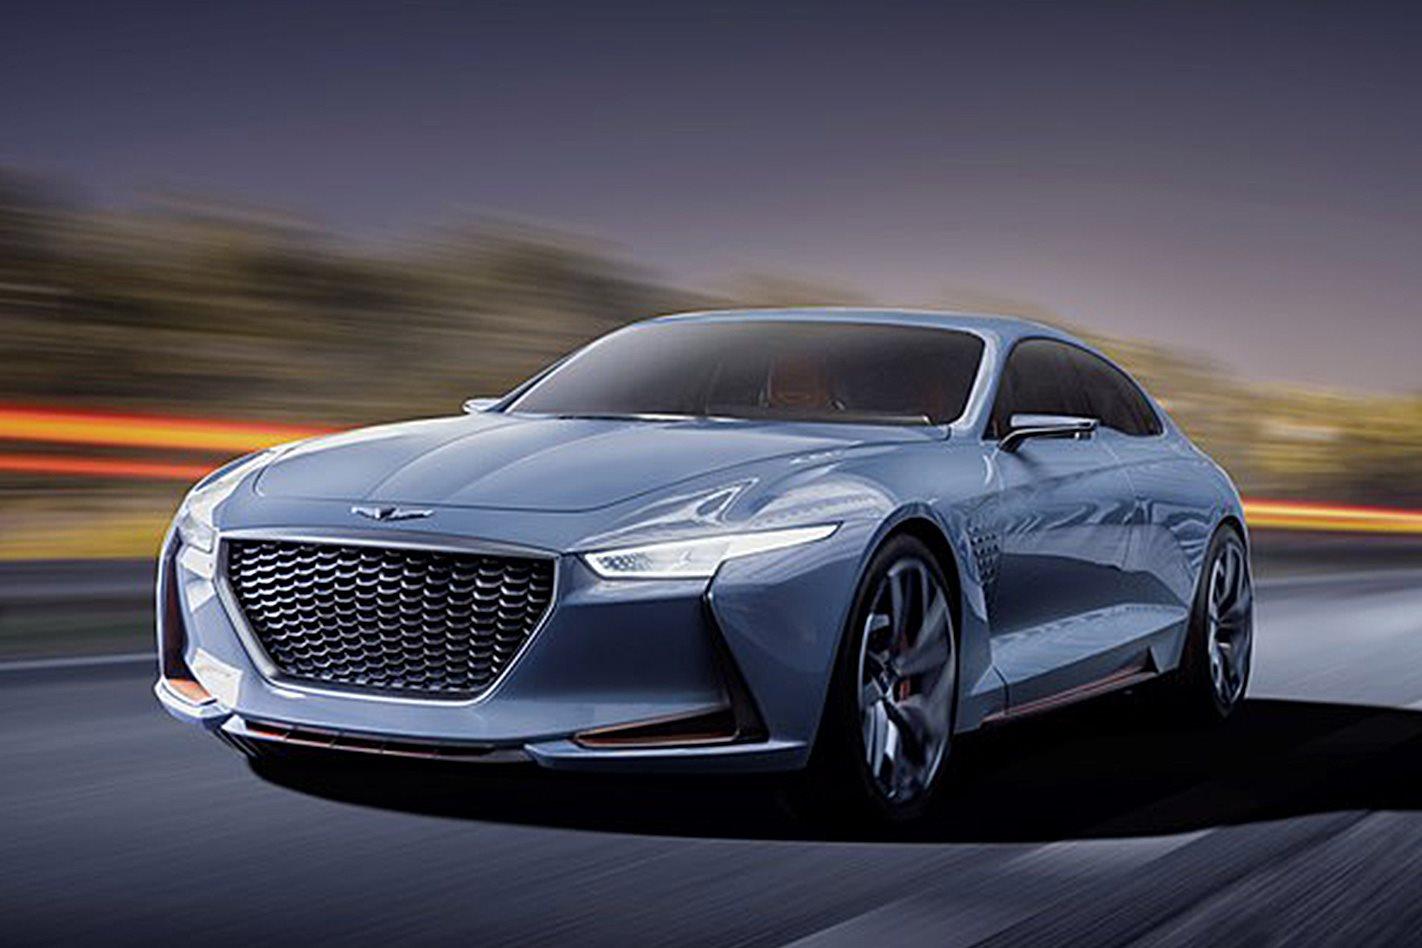 Unique New York Auto Show Genesis G70 Concept Shows Its Face